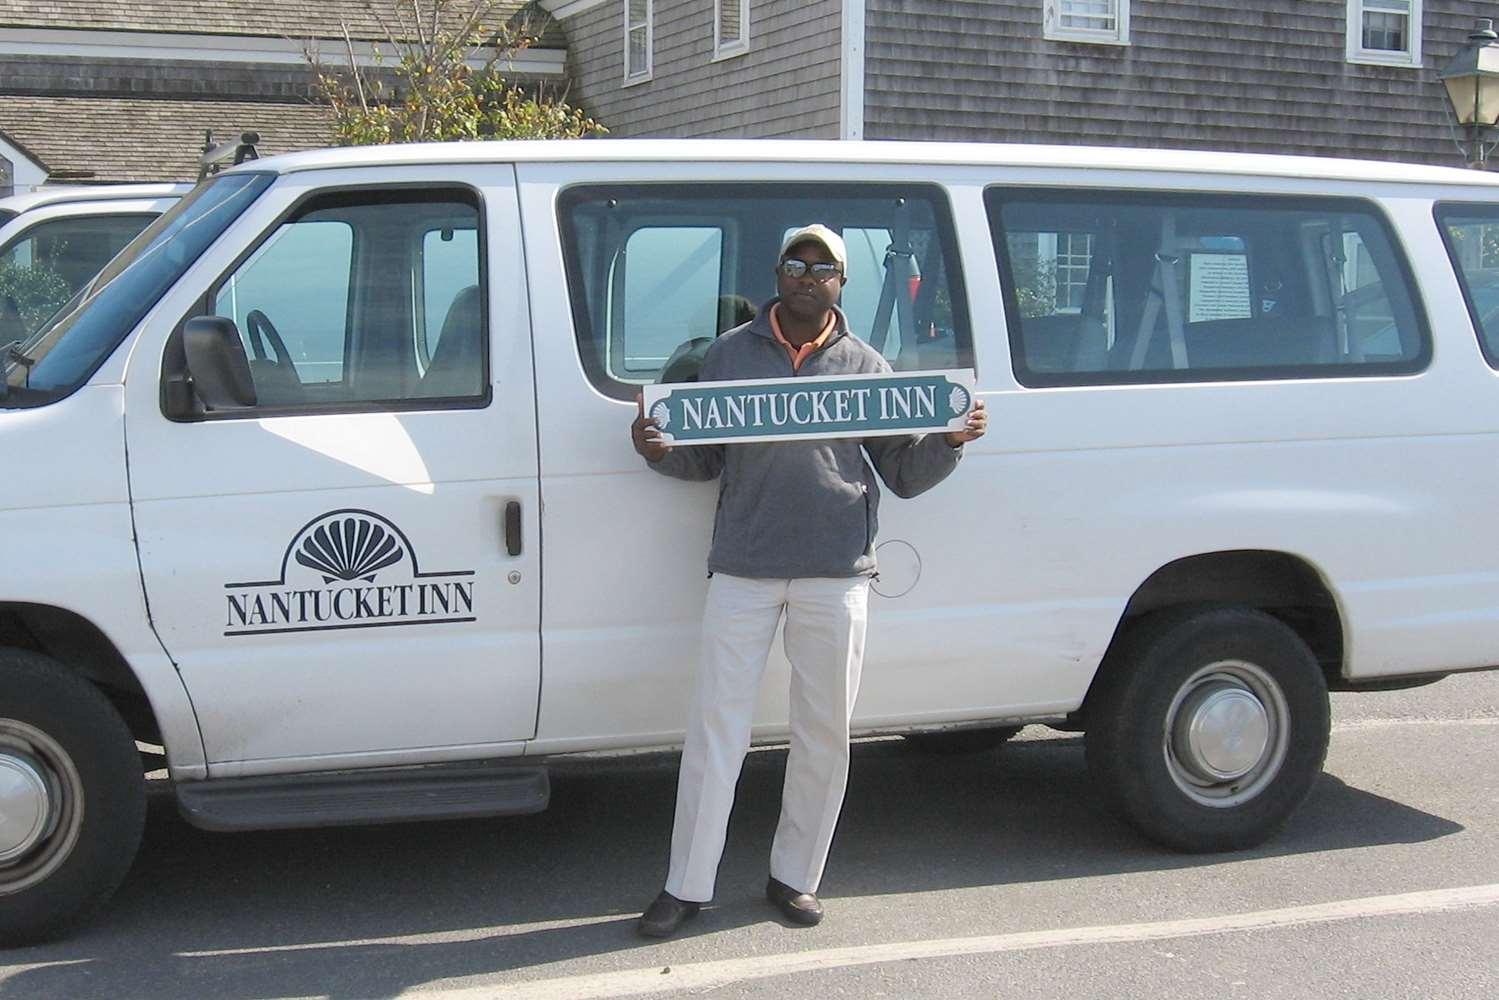 proam - Nantucket Inn